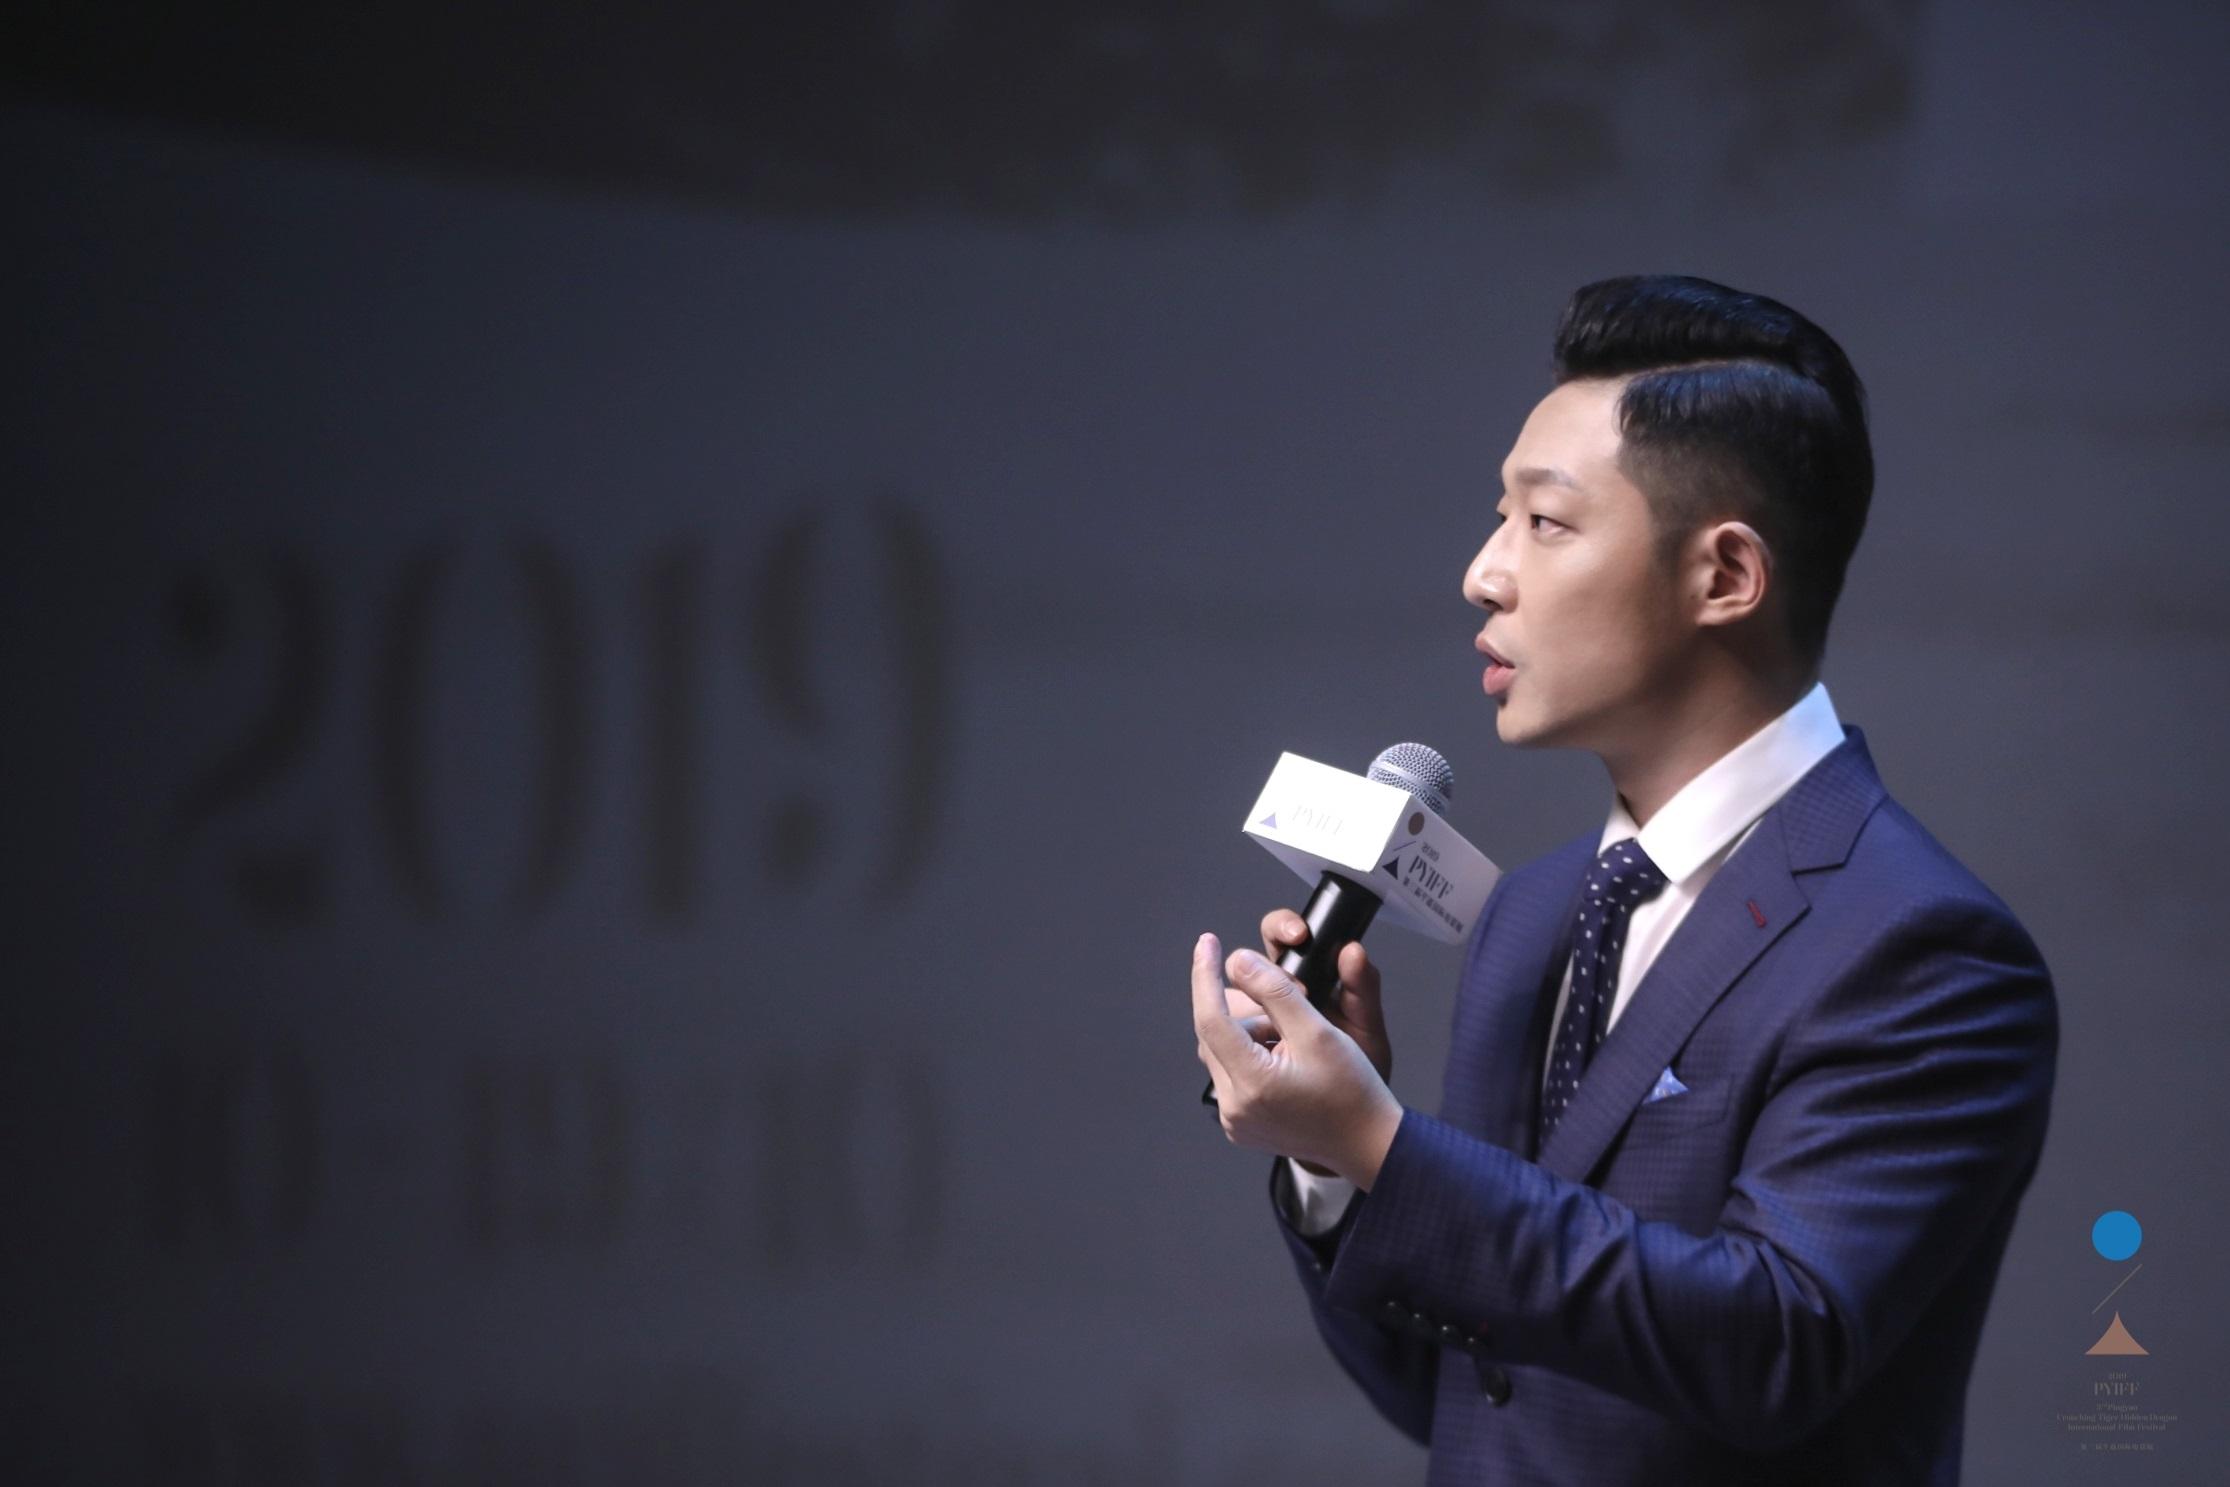 韩立主演《建筑师》平遥国际电影展首映